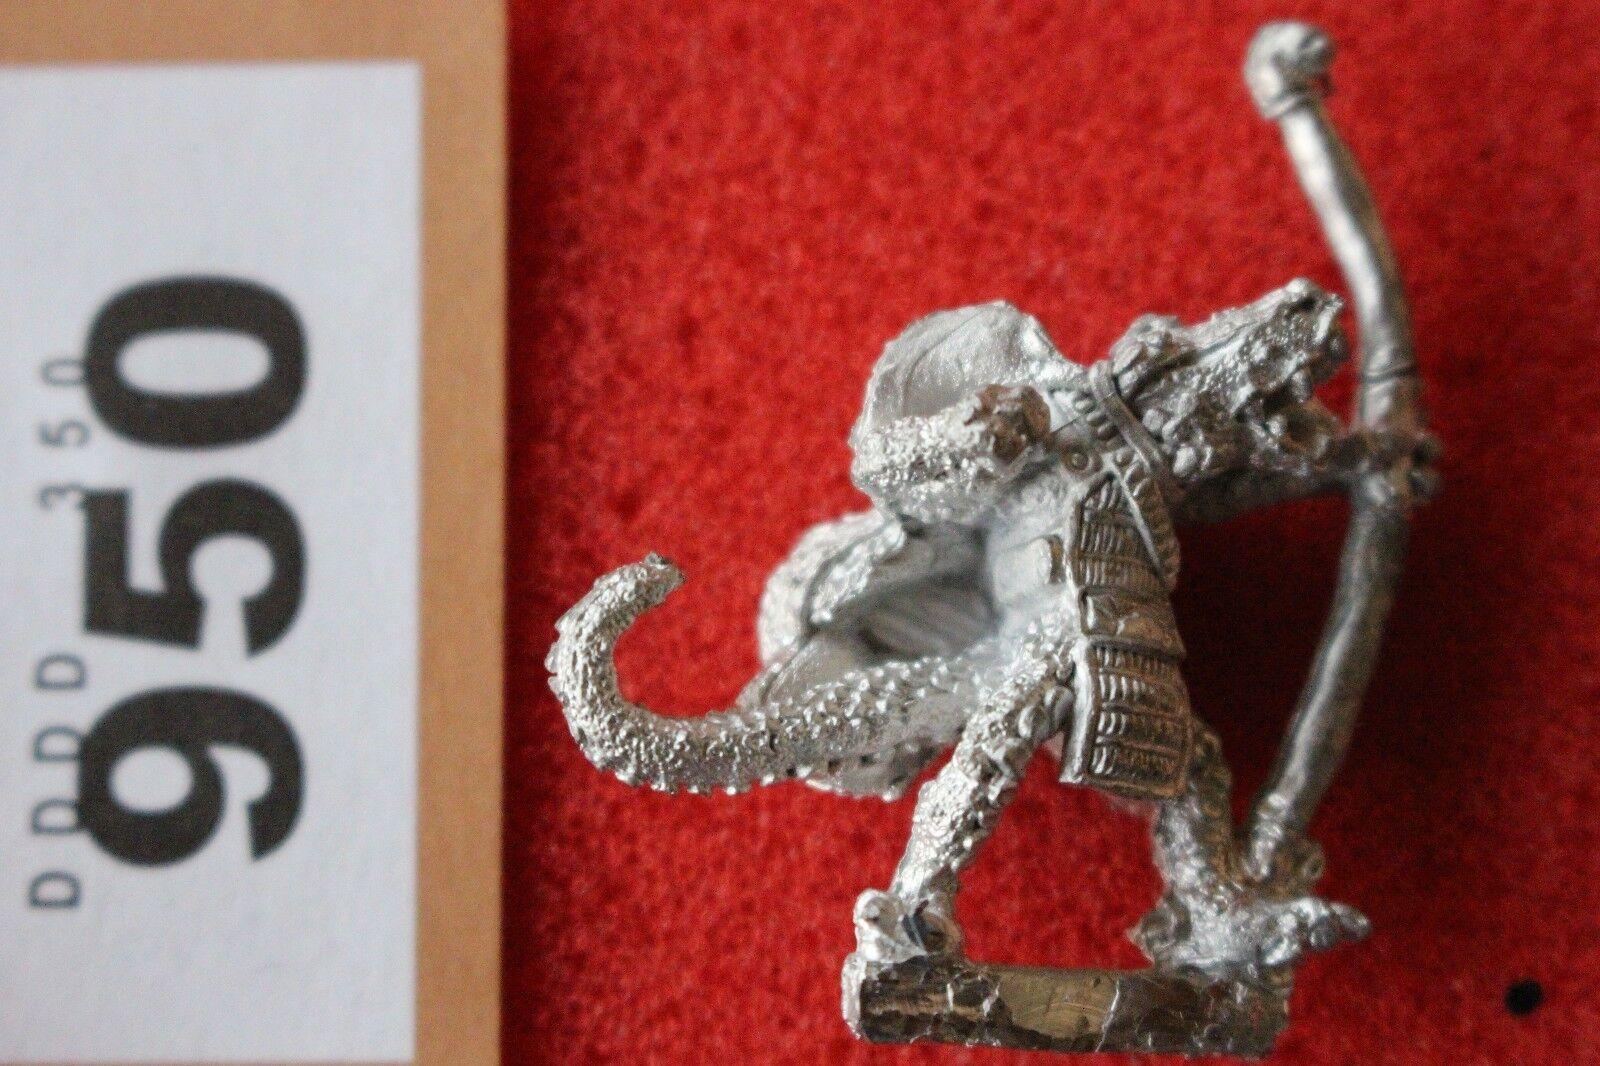 Games Workshop Citadel C19 Lizardmen Lizardman Knar Knar Knar Scarce Metal Warhammer Mint 4949d5